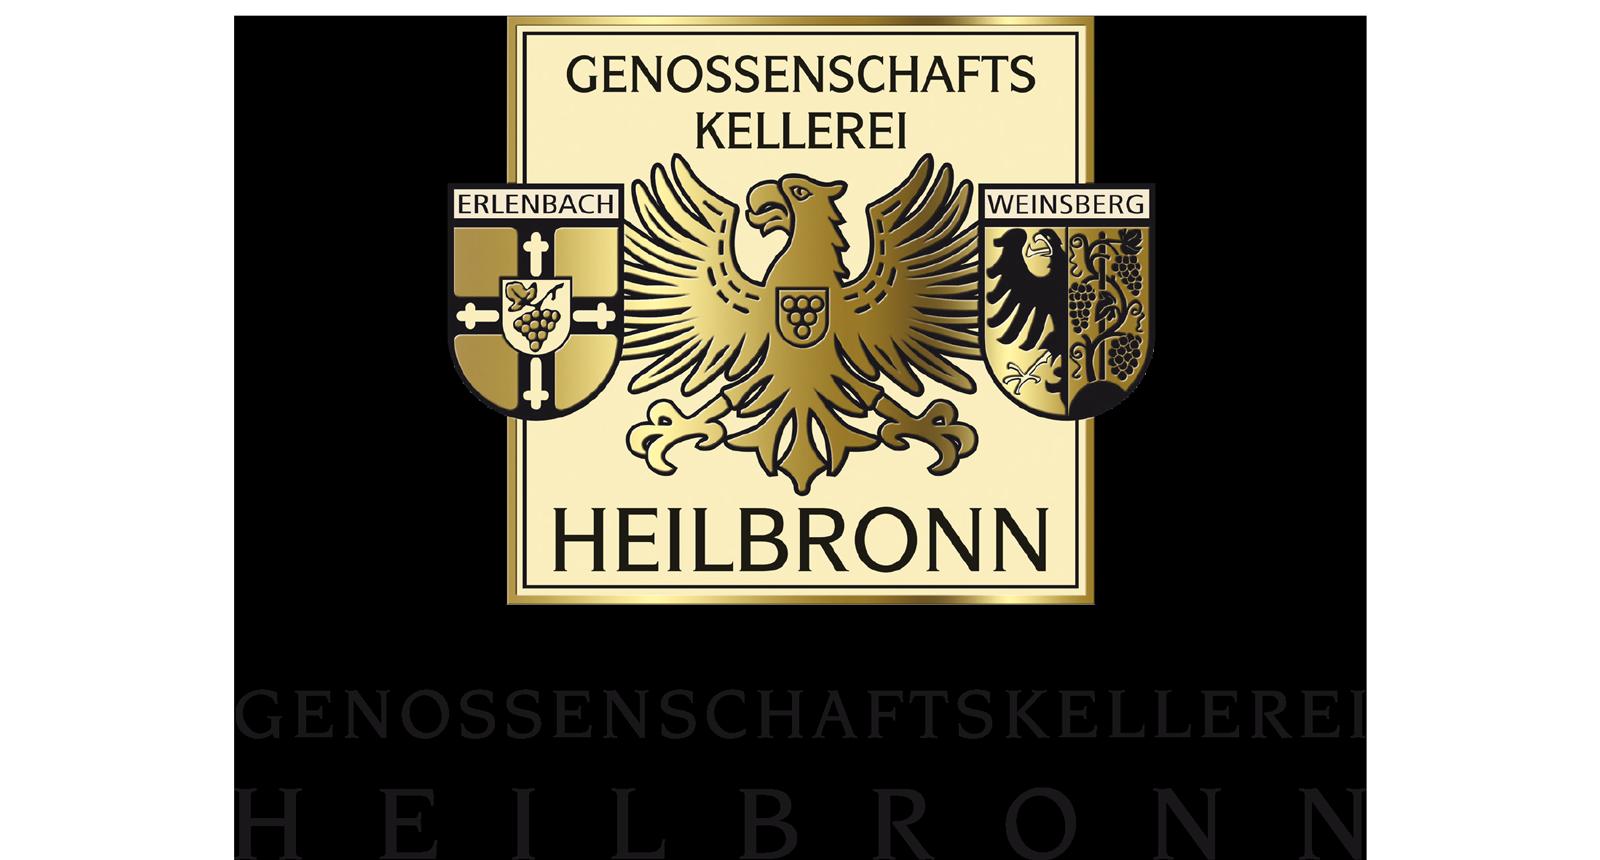 meet heilbronn